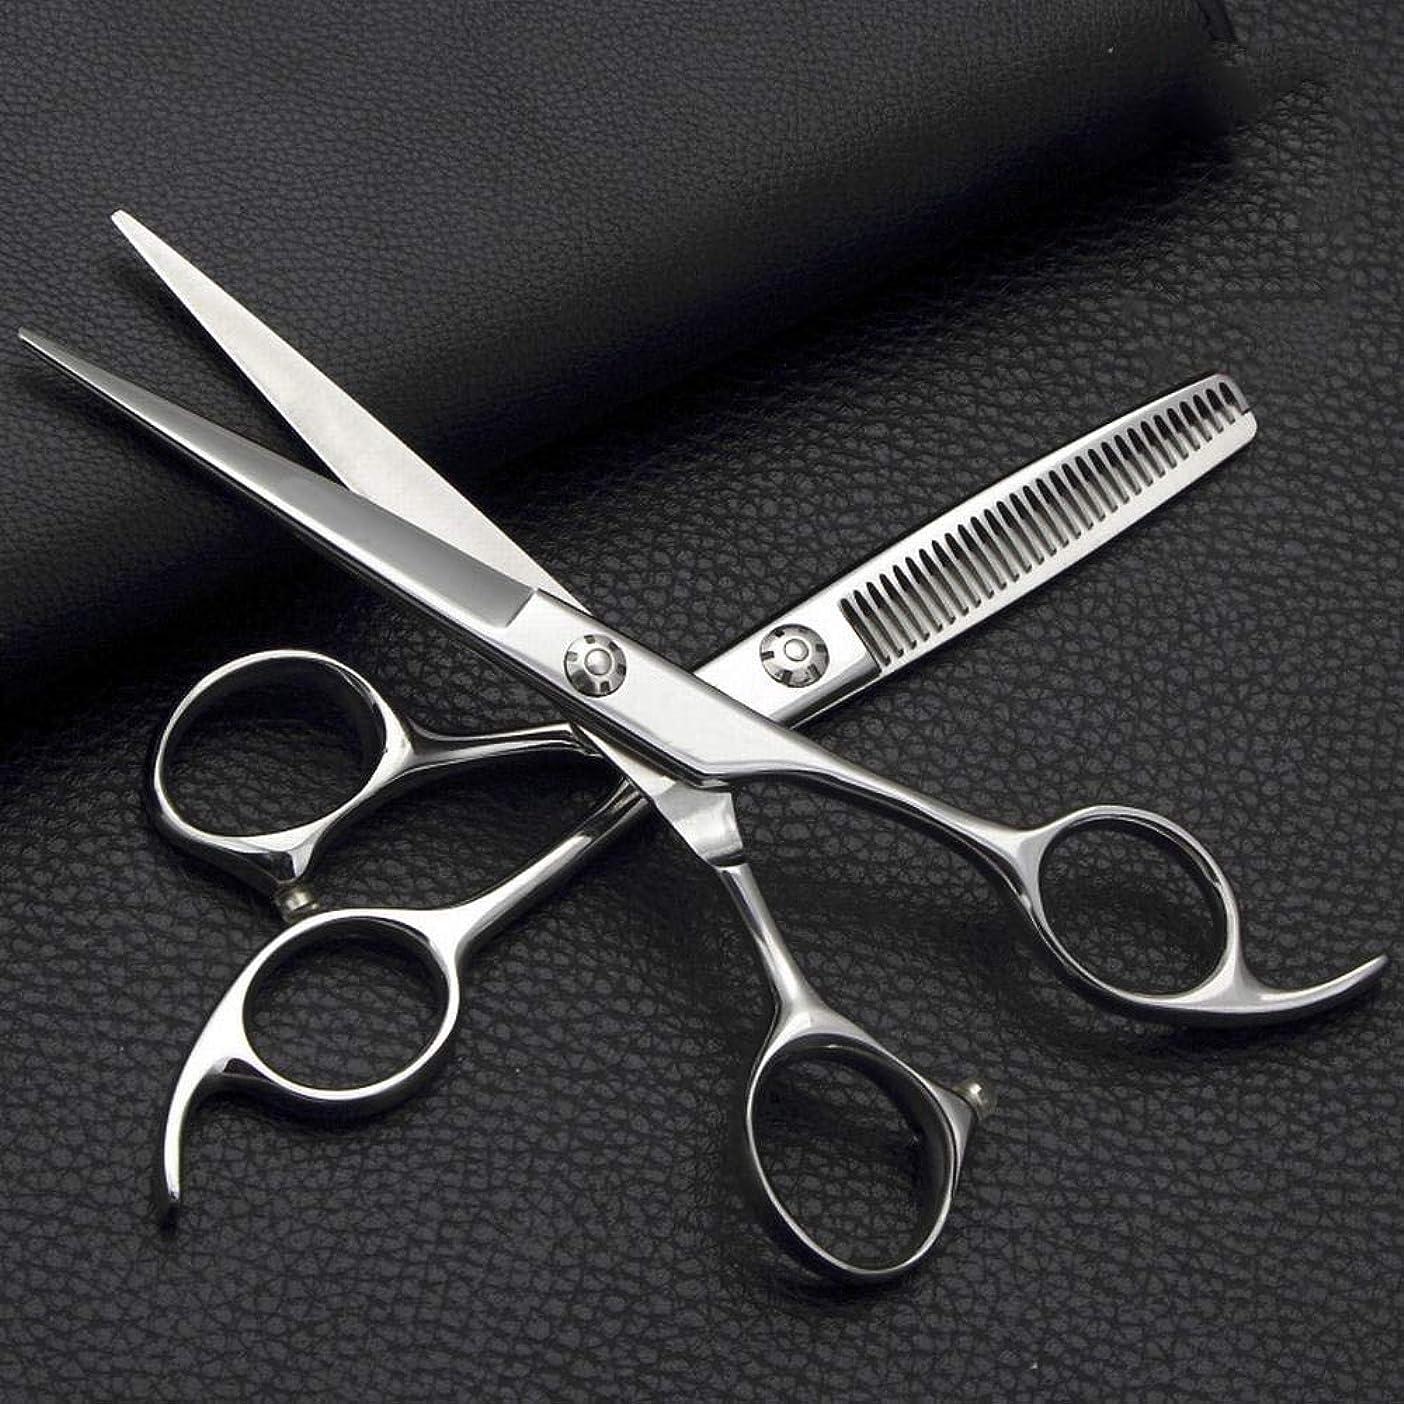 ベスビオ山落ち込んでいる寄稿者Jiabei 6インチプロフェッショナル理髪セット、フラットはさみ+歯はさみステンレス鋼理髪はさみ鋏 (色 : Silver)